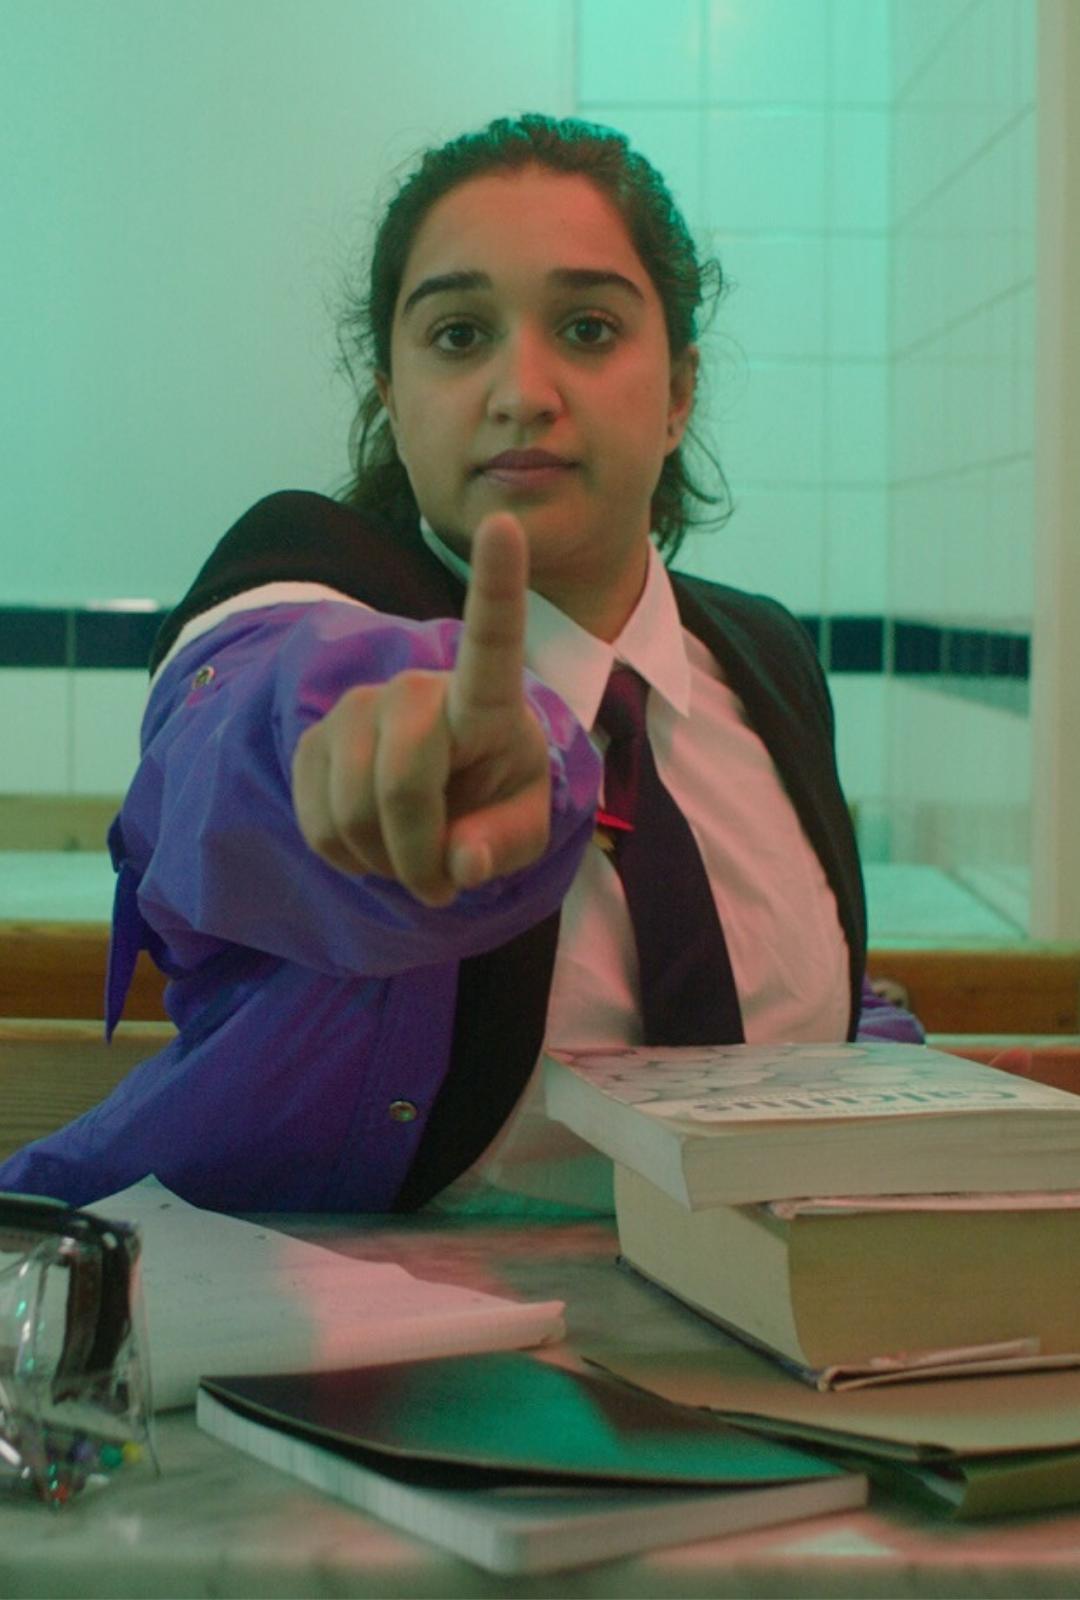 School girl in cafe portrait